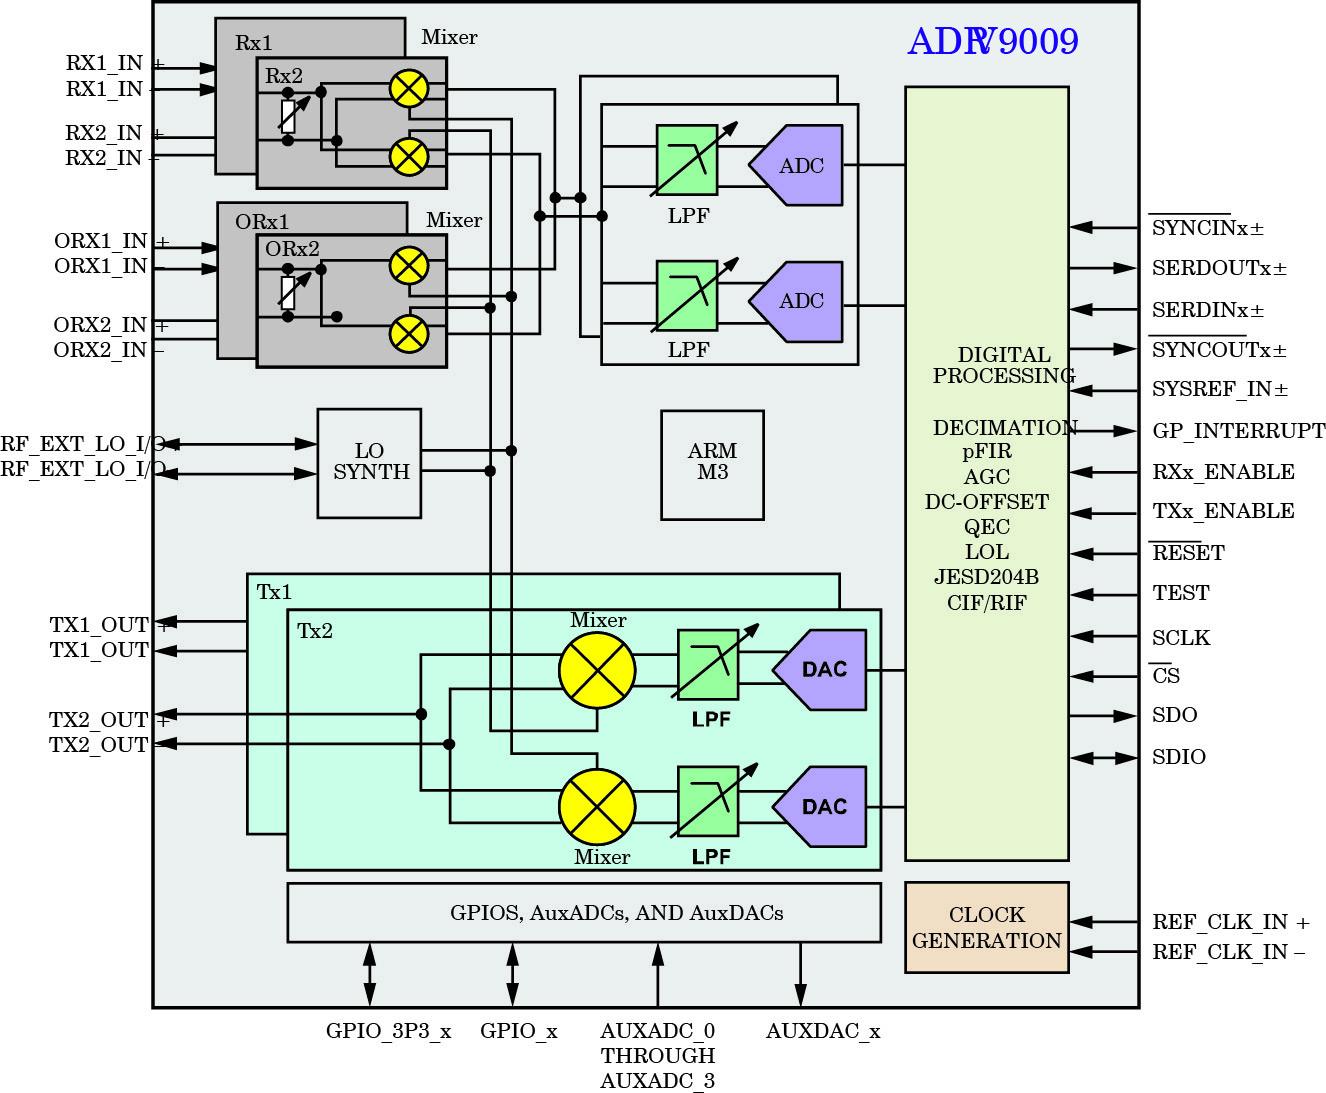 Структурная схема приемопередатчика ADRV9009